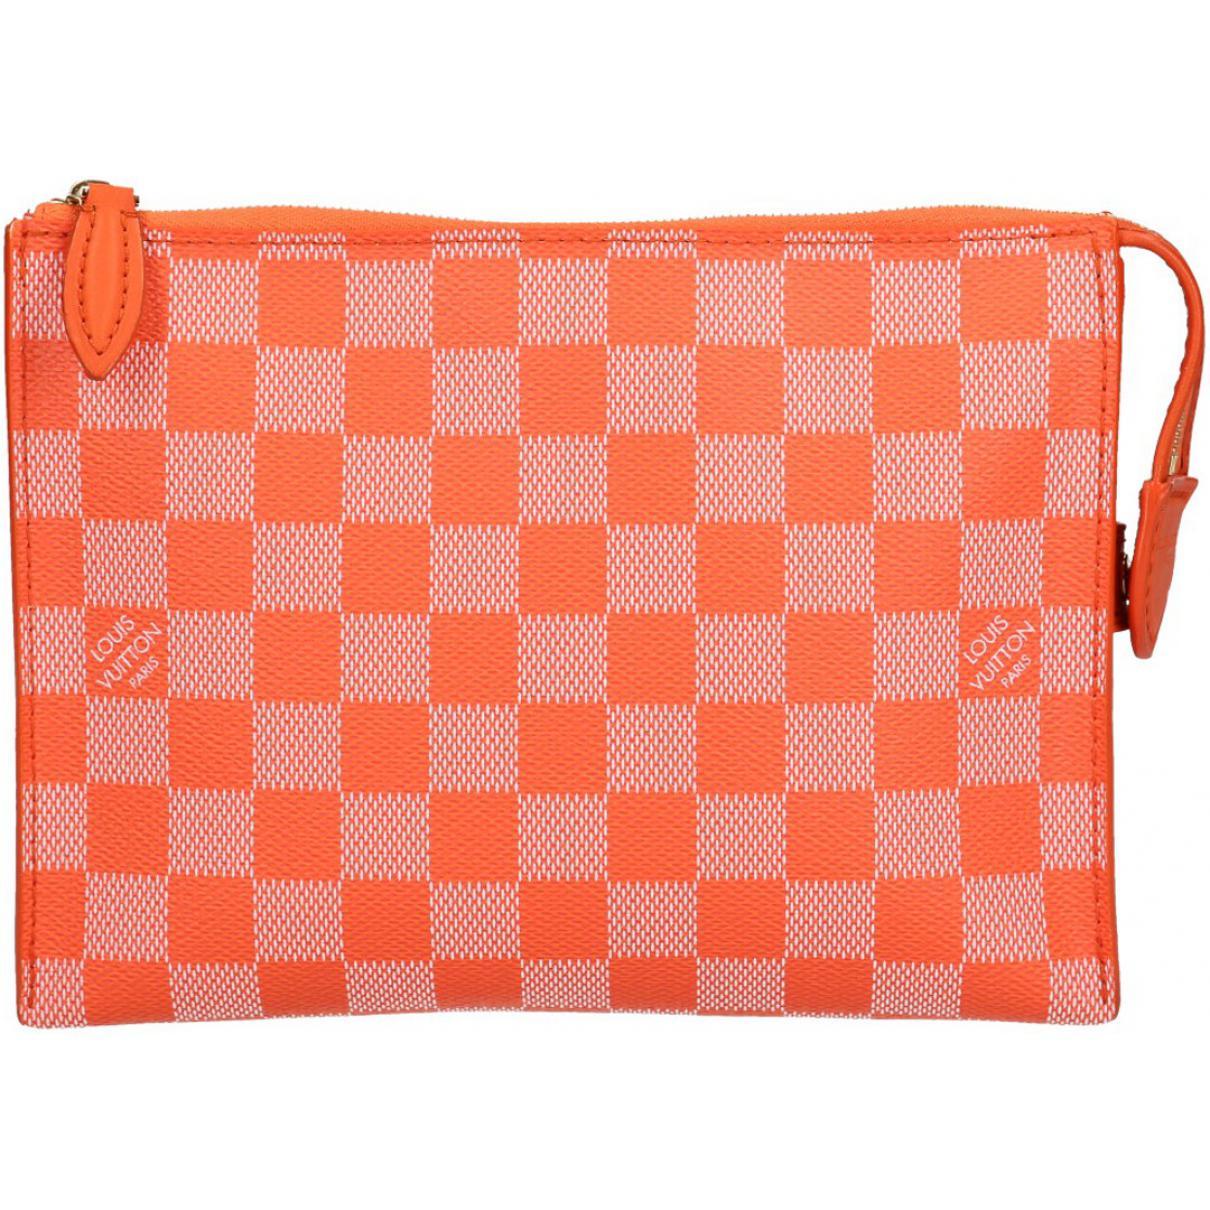 e646a1c75c49 Lyst - Louis Vuitton Pre-owned Cloth Clutch Bag in Orange